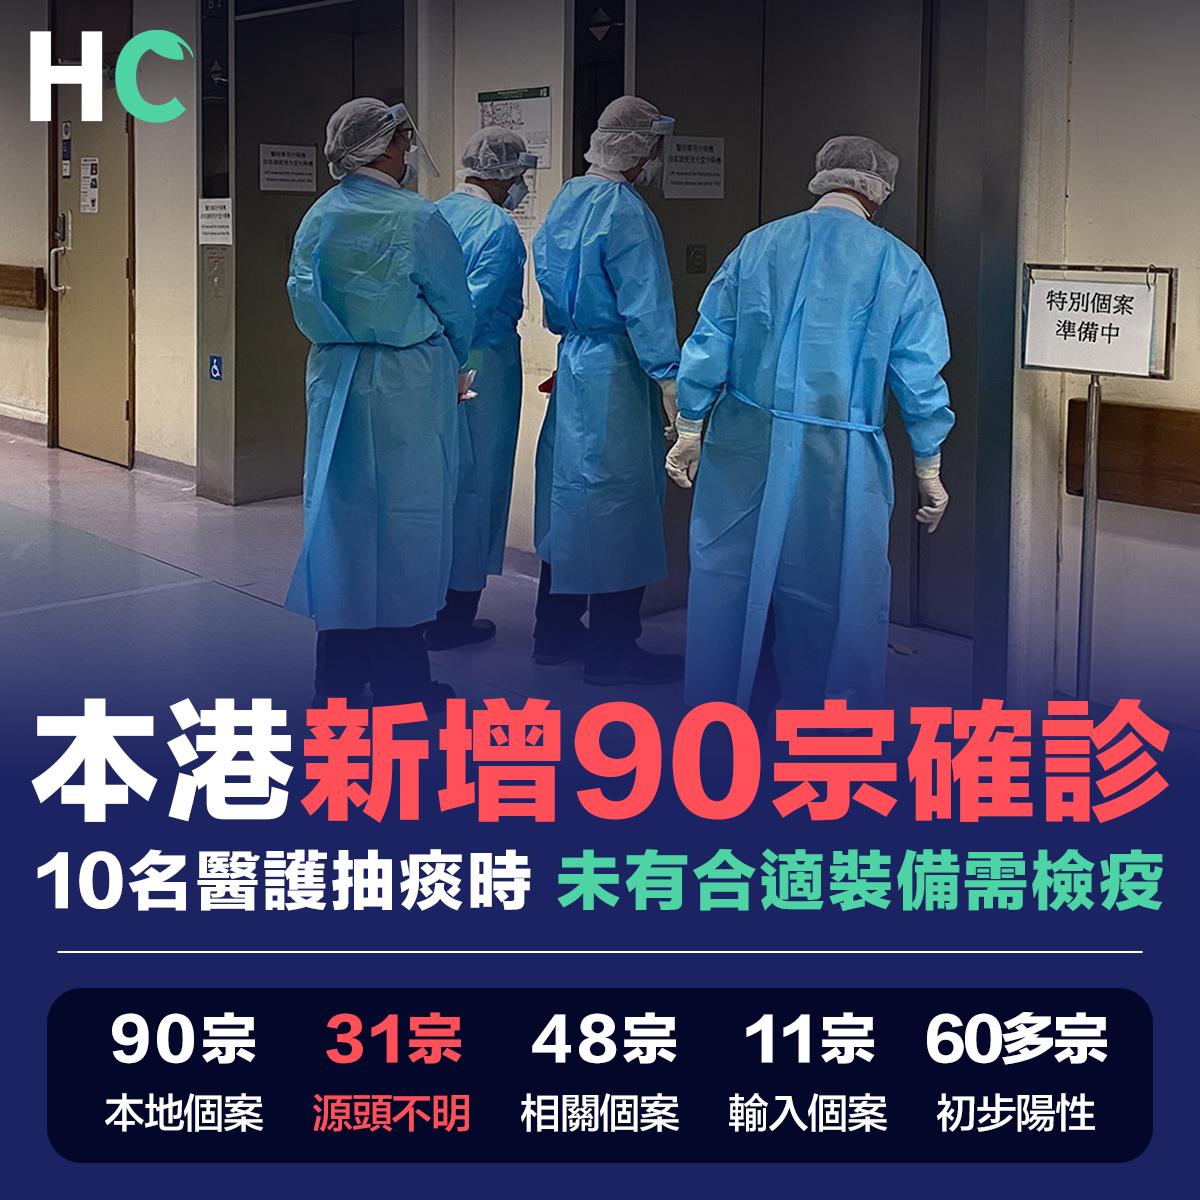 本港新增90宗確診 10名醫護抽痰時未有合適裝備需檢疫